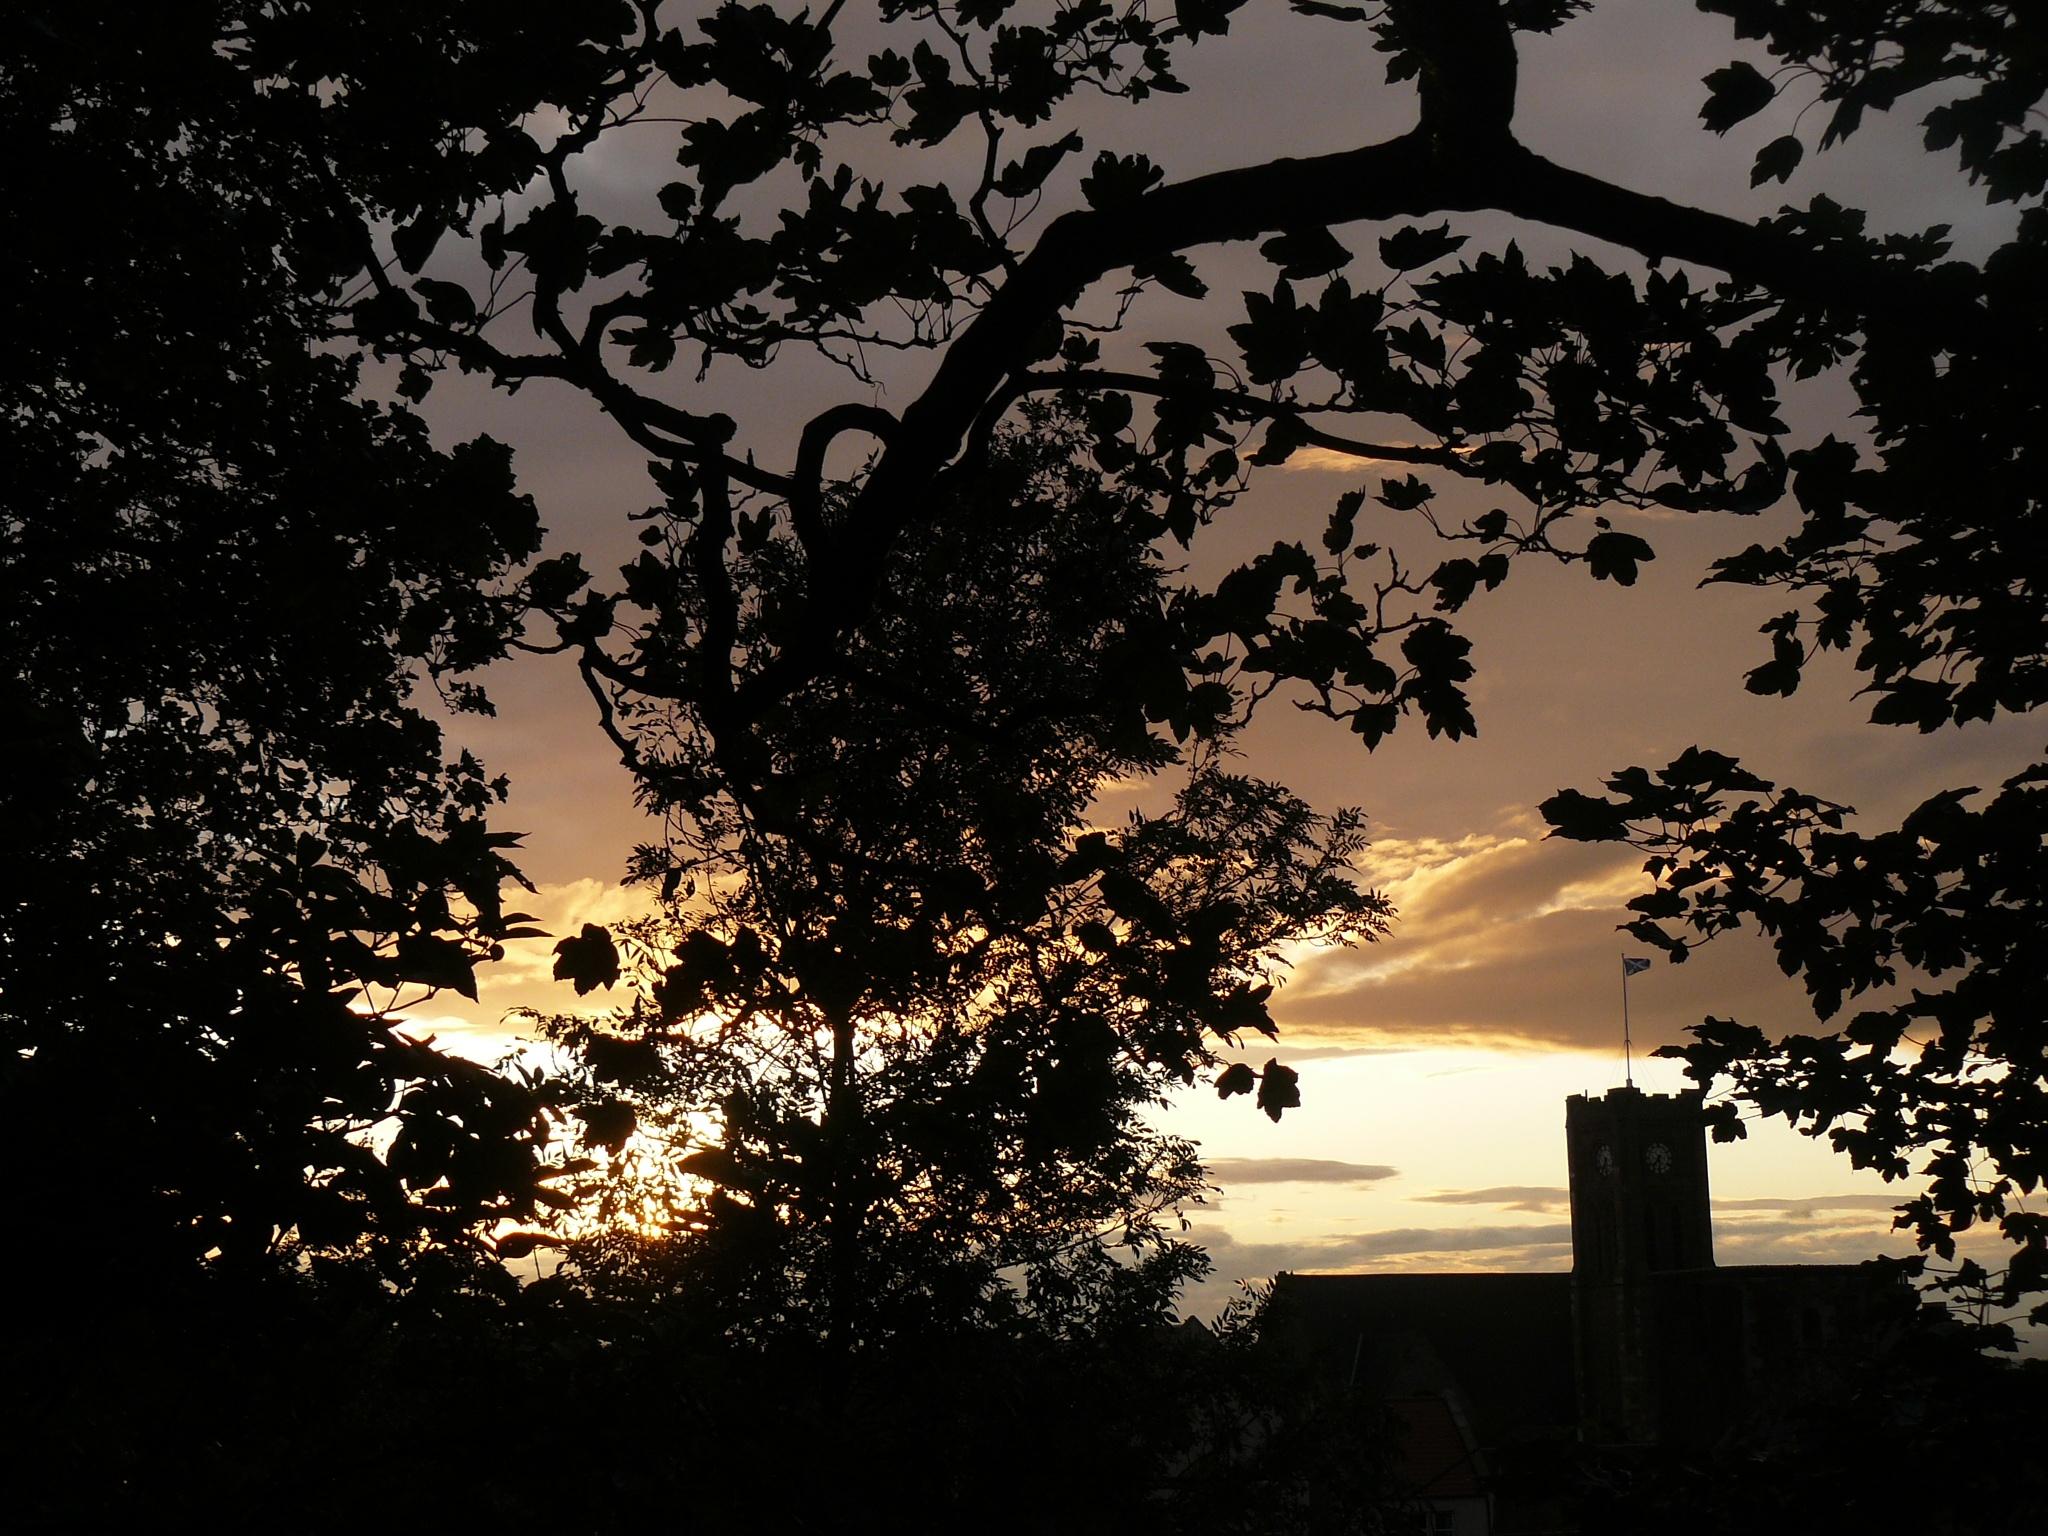 Tower sunset by AJ Yakstrangler Andy Jamieson